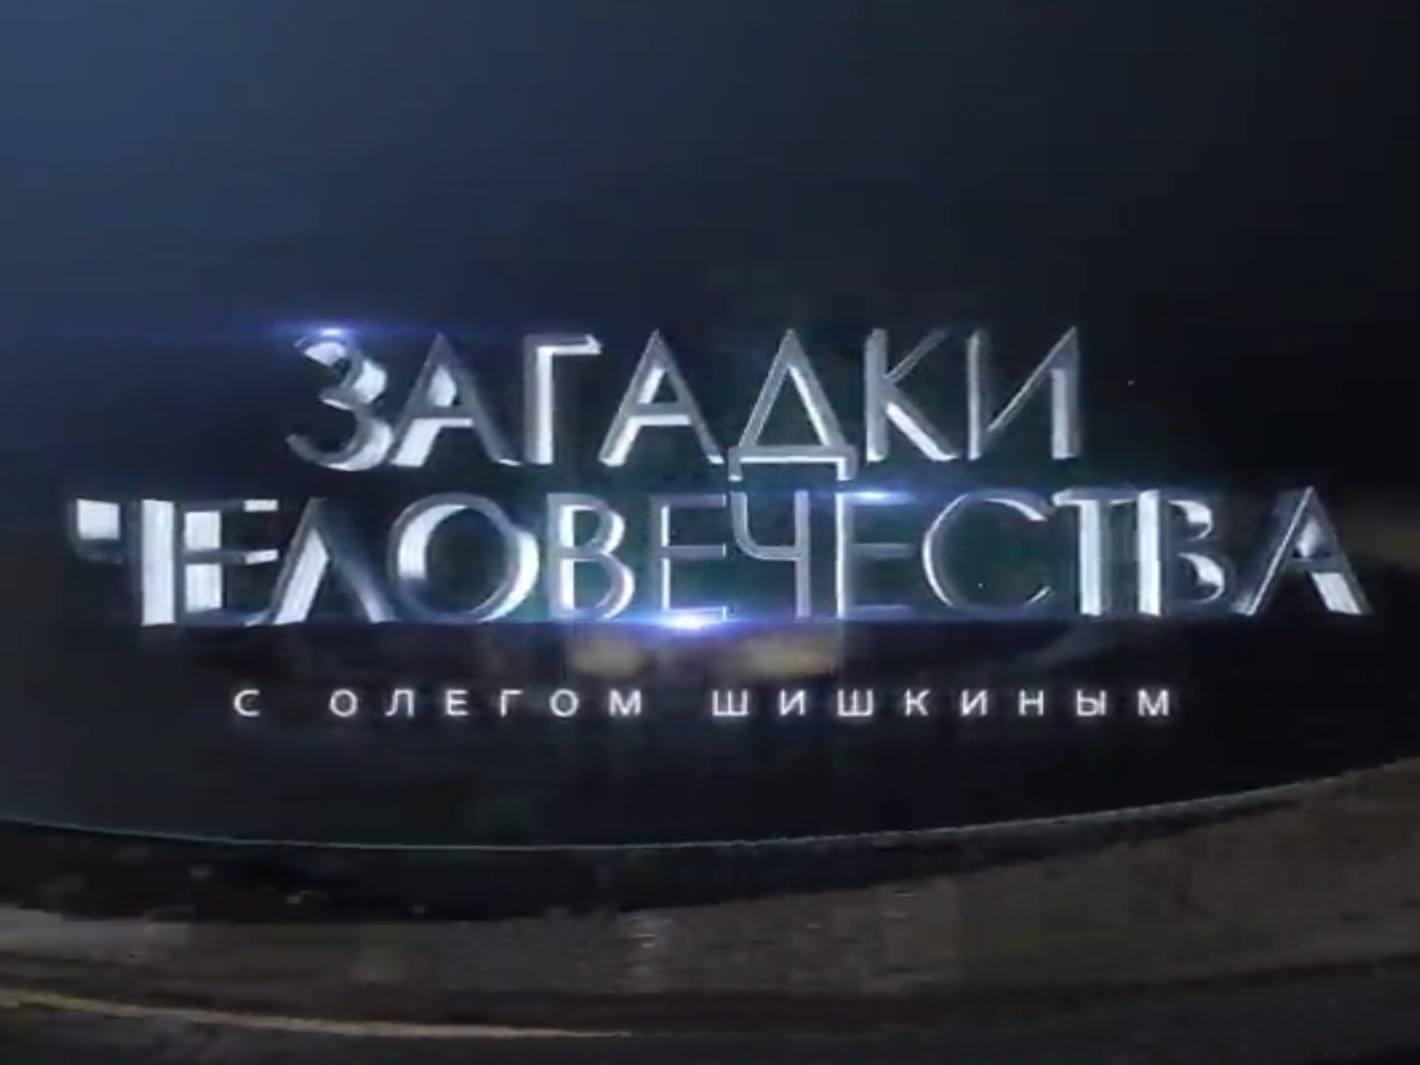 Загадки человечества с Олегом Шишкиным 460 серия в 13:00 на канале РЕН ТВ